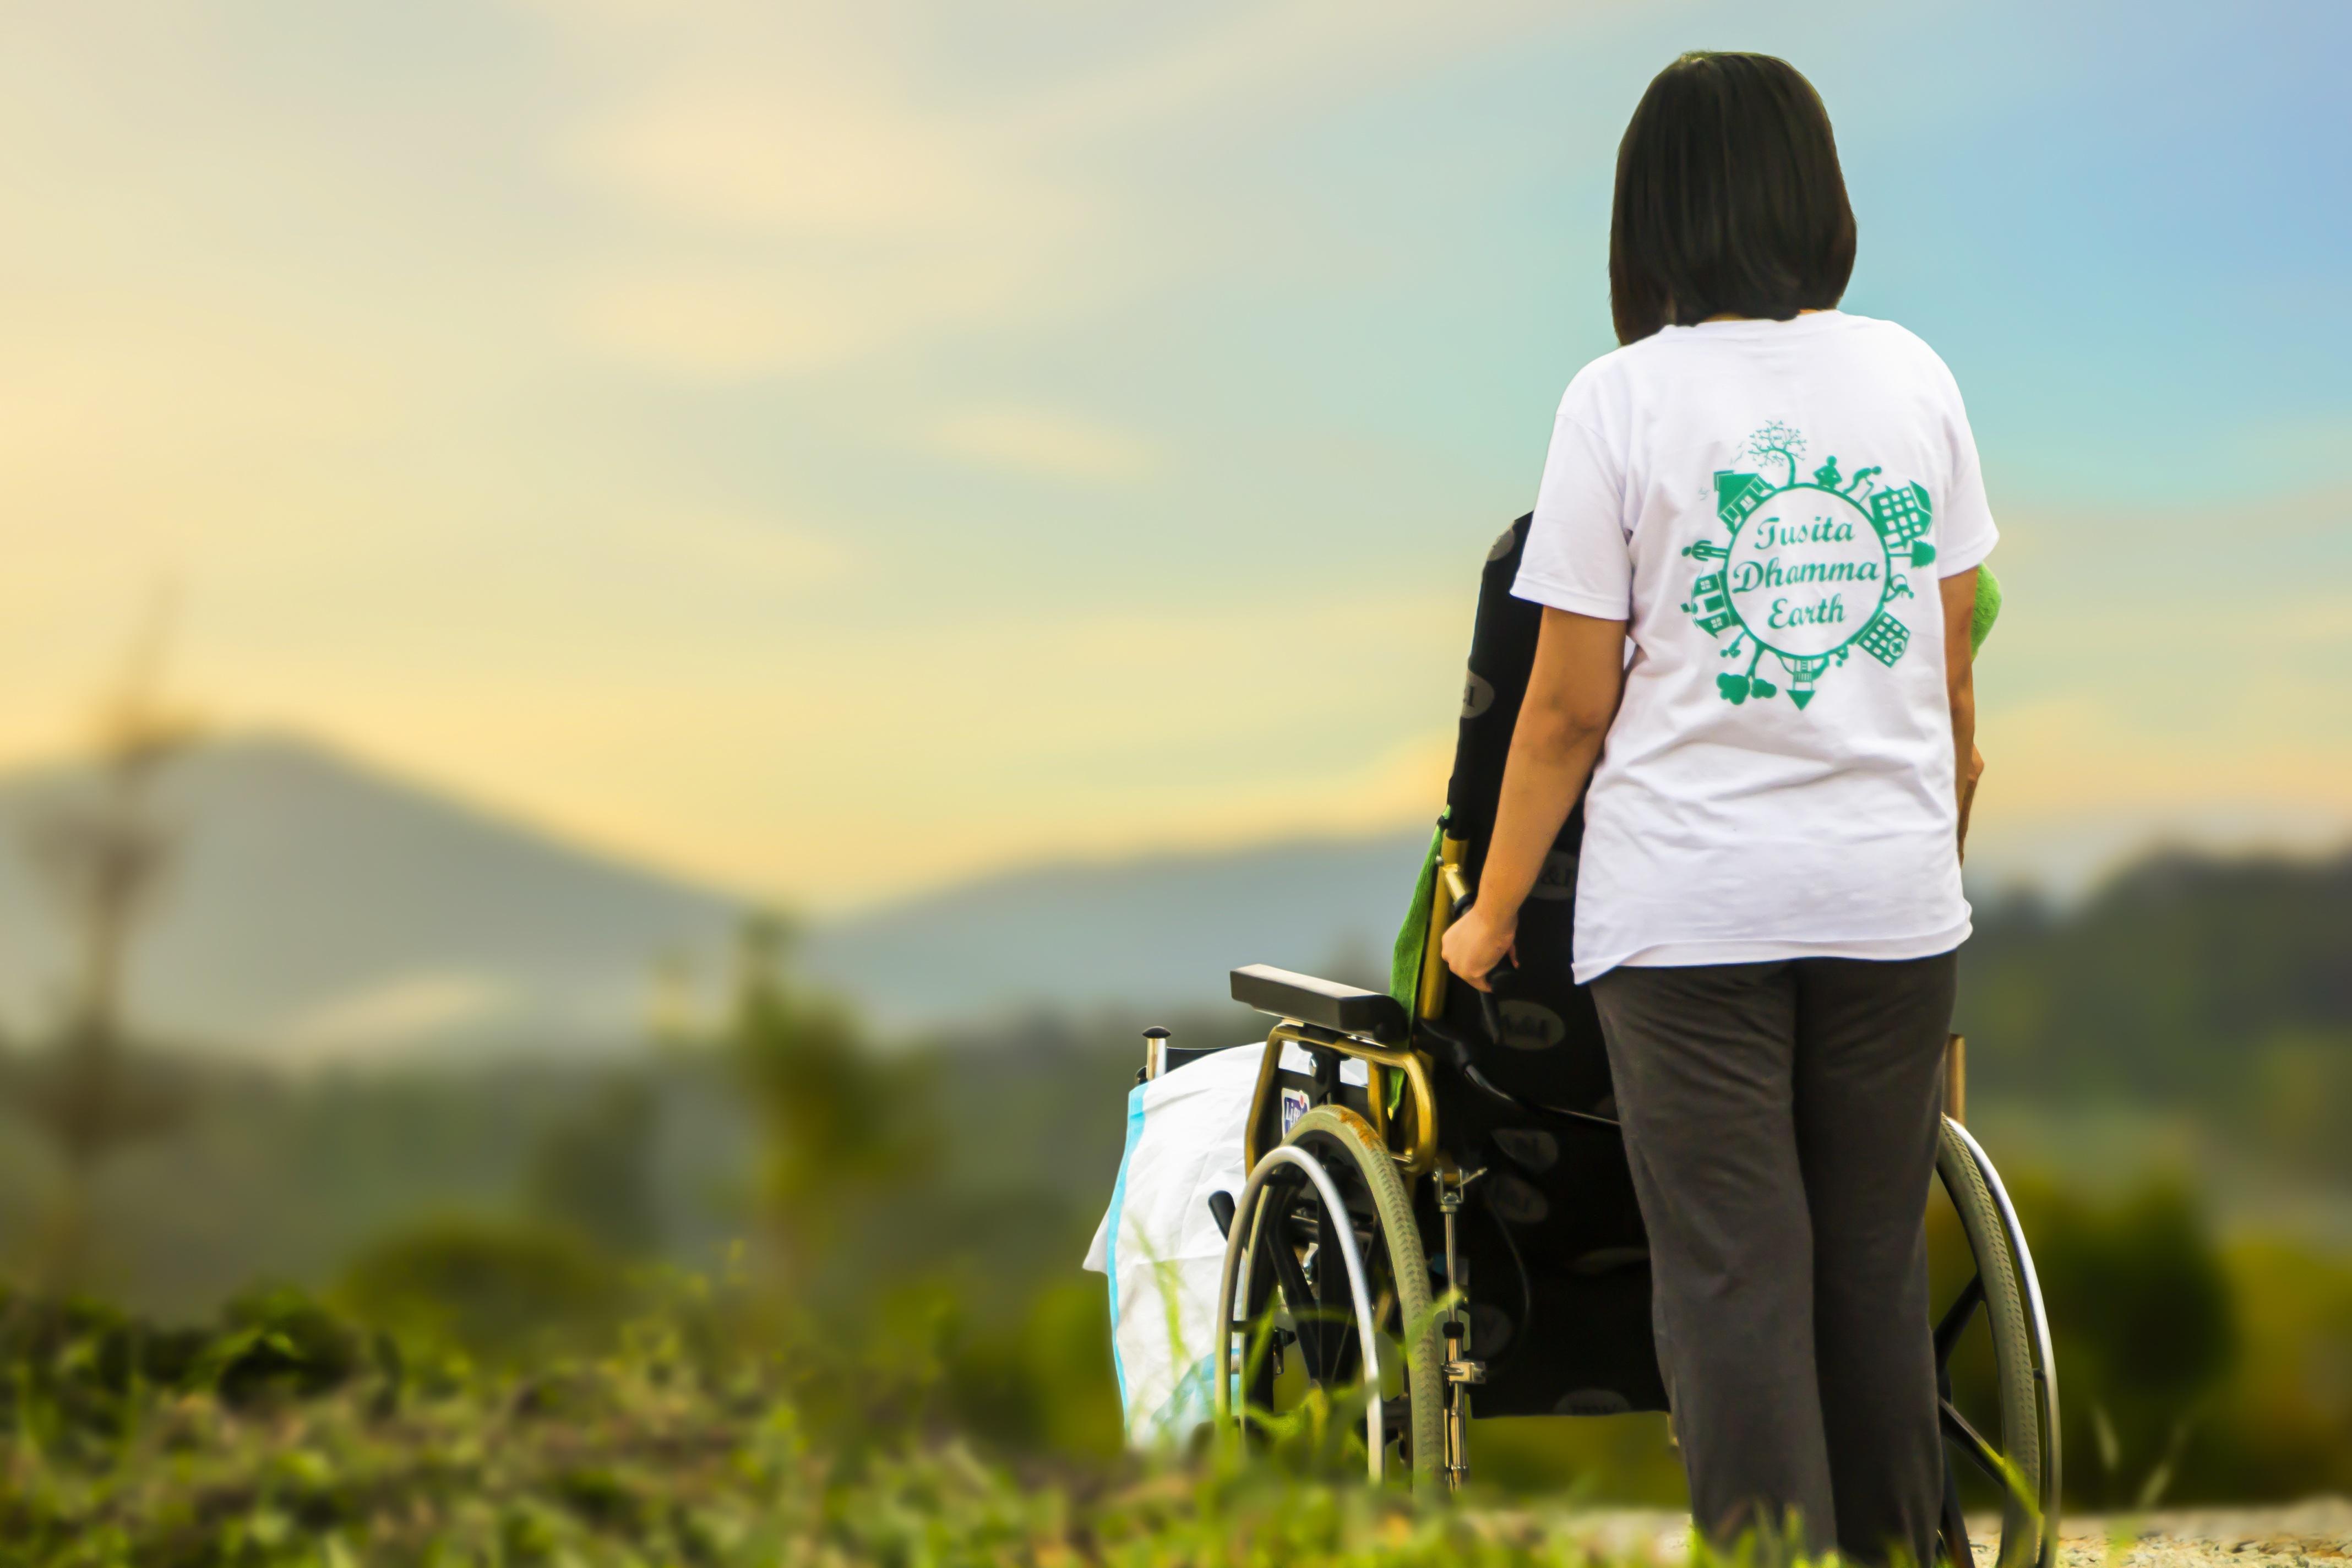 Herbe Pelouse Se Soucier Aidez Moi Personnes Ges Infirmire Soins Hospice Dsactive Patient Invalidit Zone